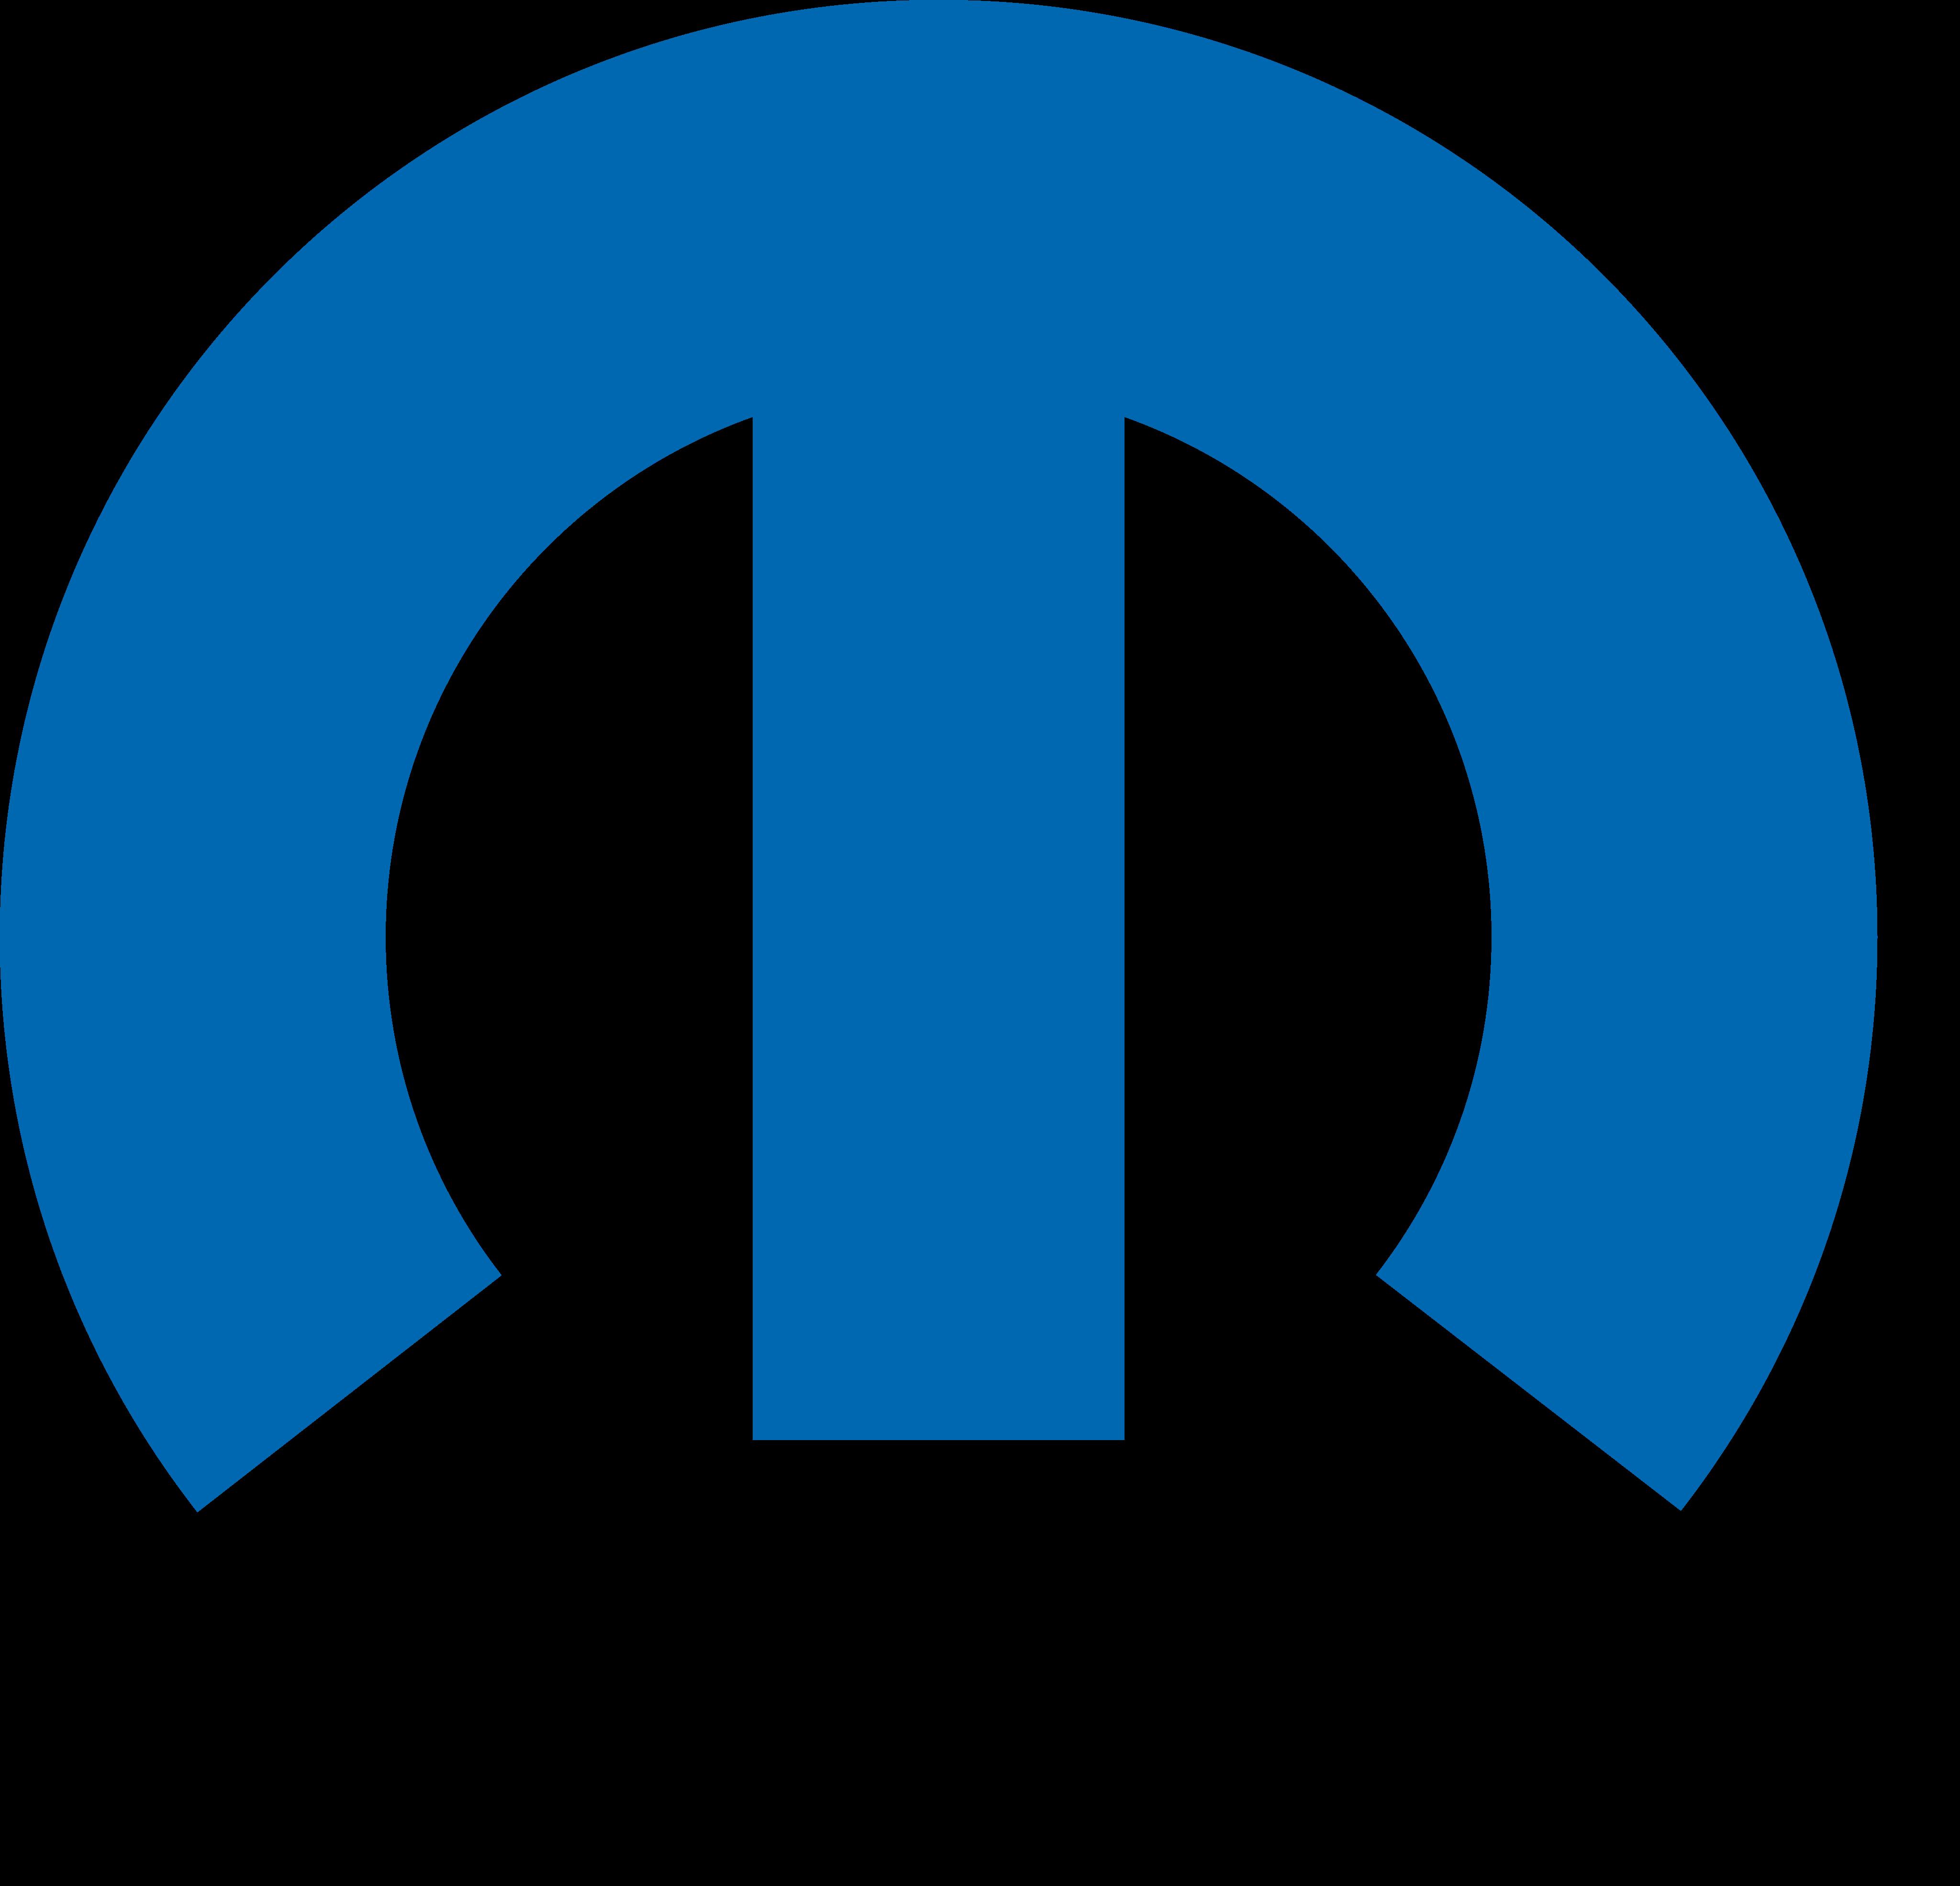 mopar logo - Mopar Logo